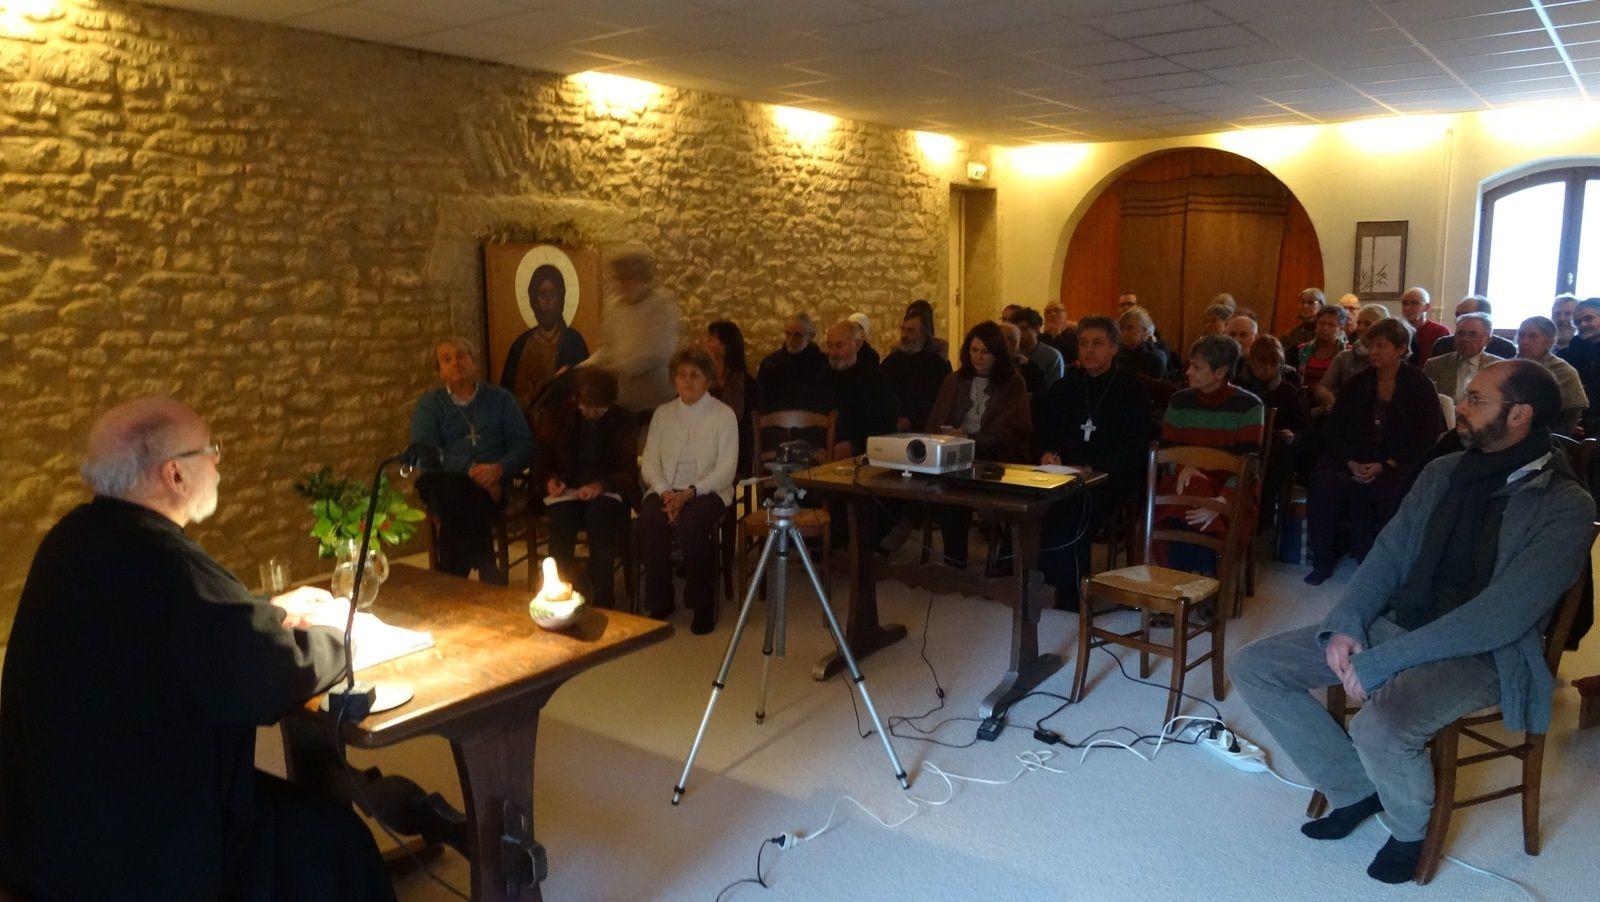 10ième anniversaire du sacre de Mgr Grégoire à Béthanie